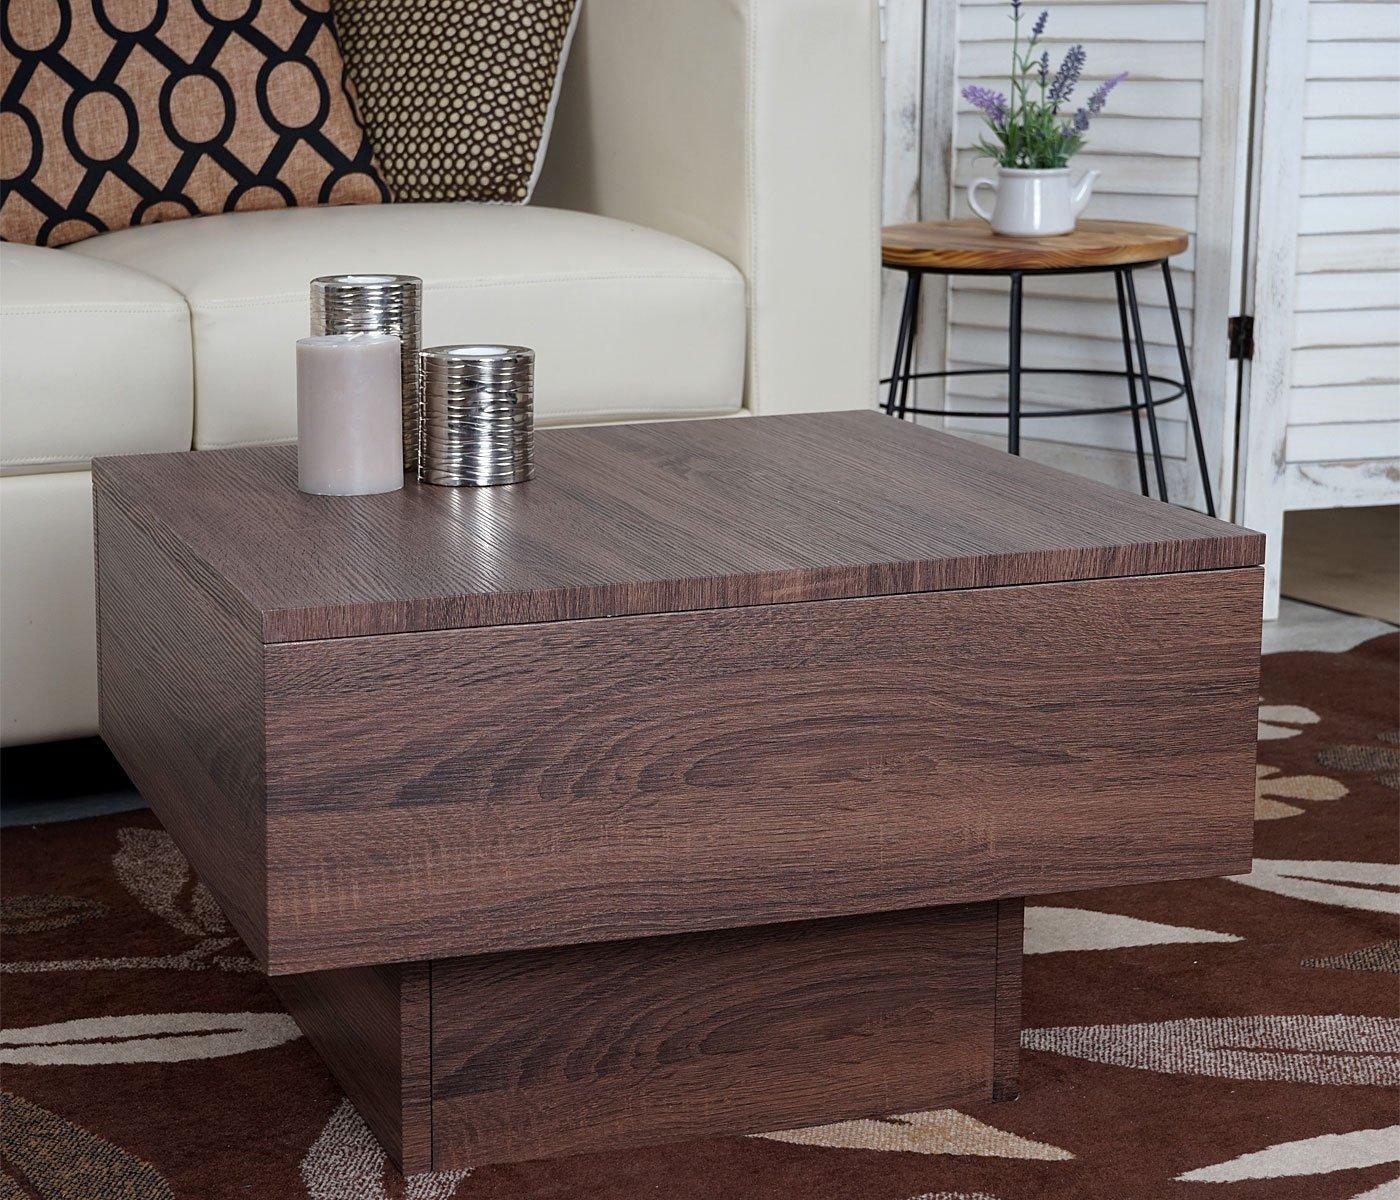 Mendler Tavolino da Salotto HWC-A31 MDF 60x60x37cm Colore Rovere Bruno